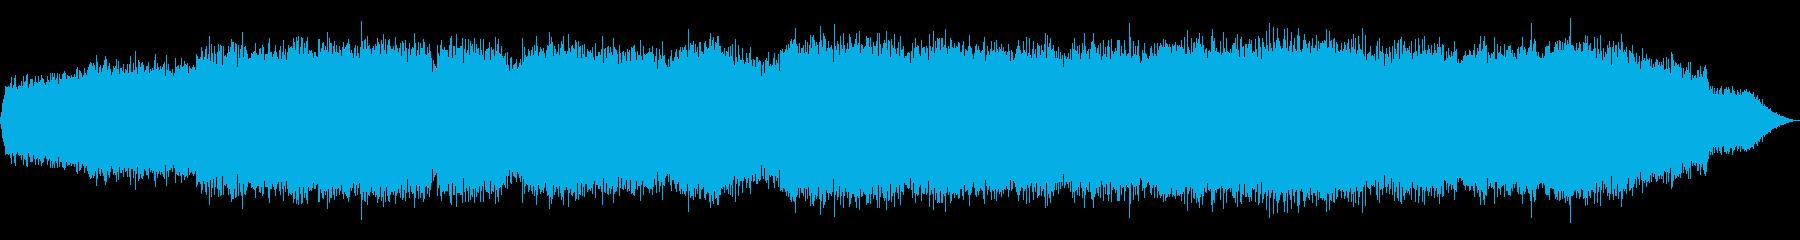 眠るためのドローンミュージックの再生済みの波形